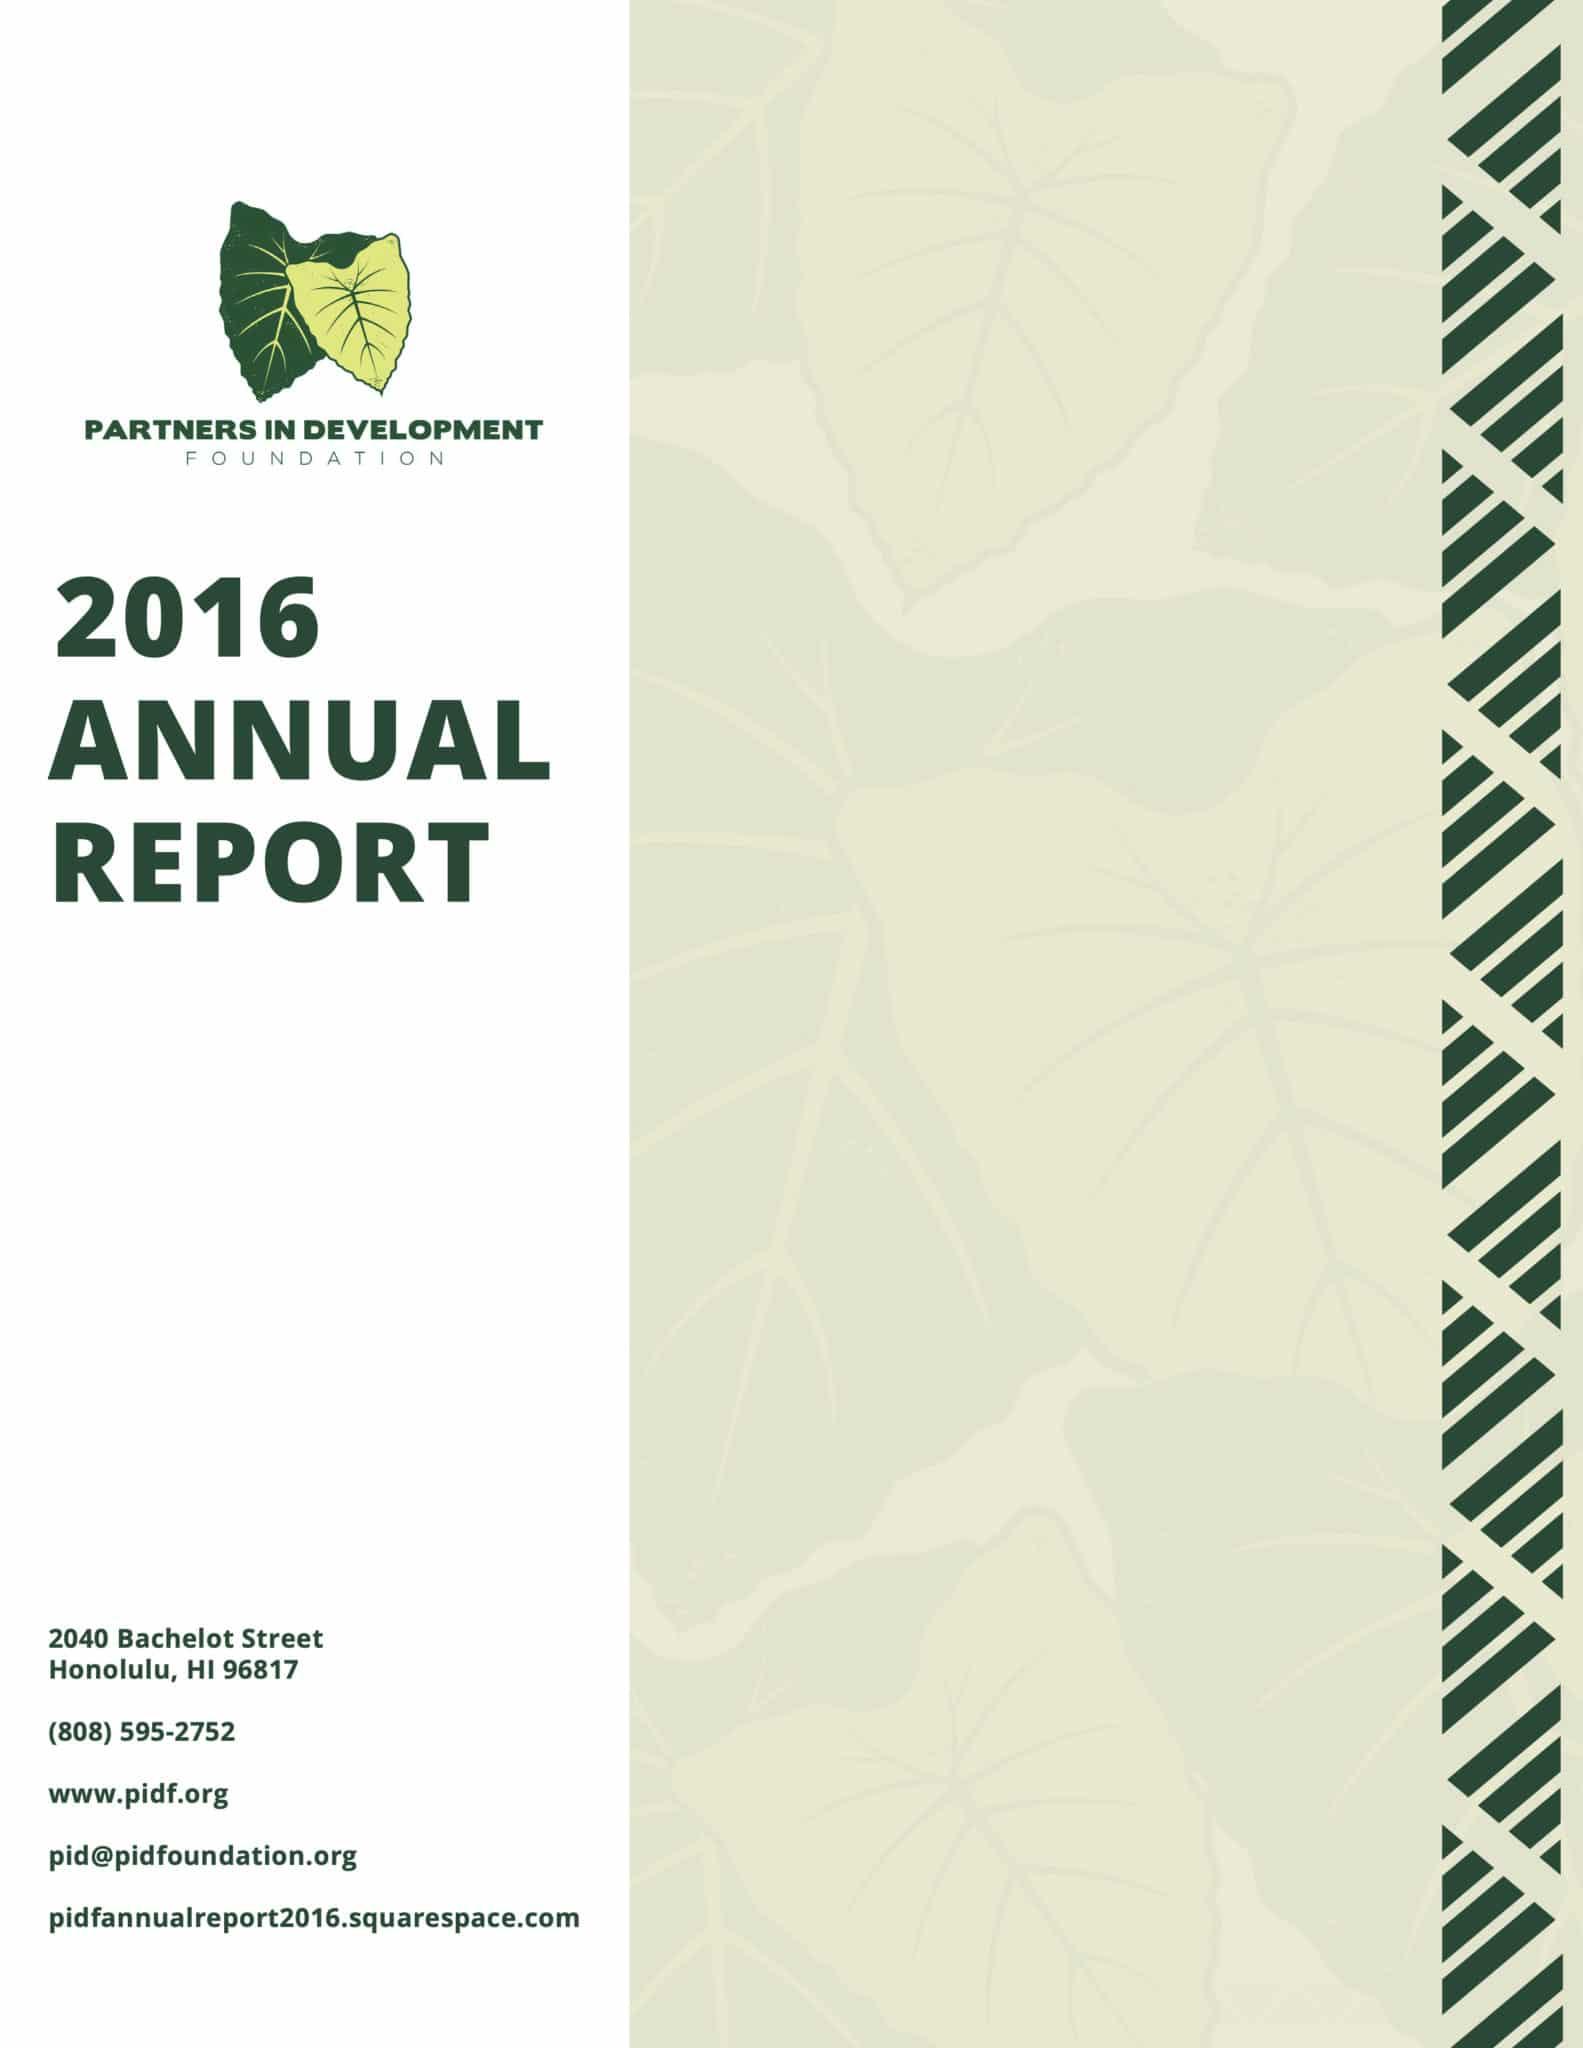 PIDF Annual Report 2016 Spec 7 Ld